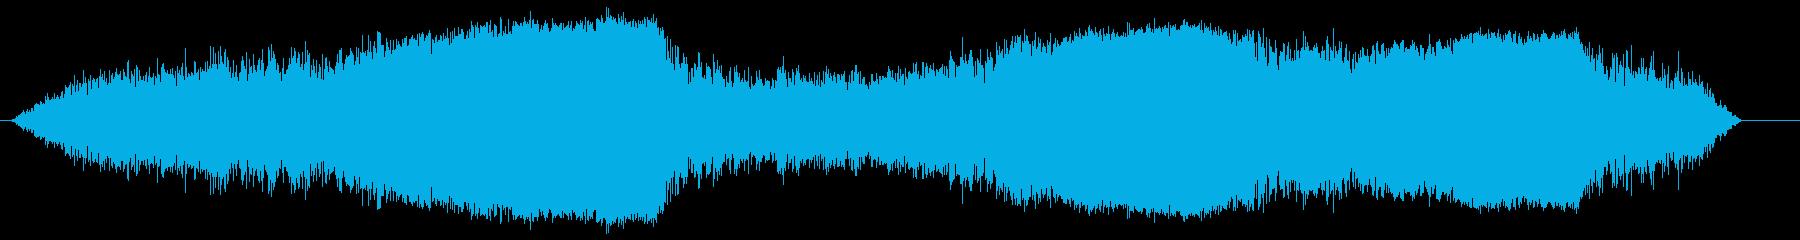 水上飛行機;波のあるライト(複数)...の再生済みの波形